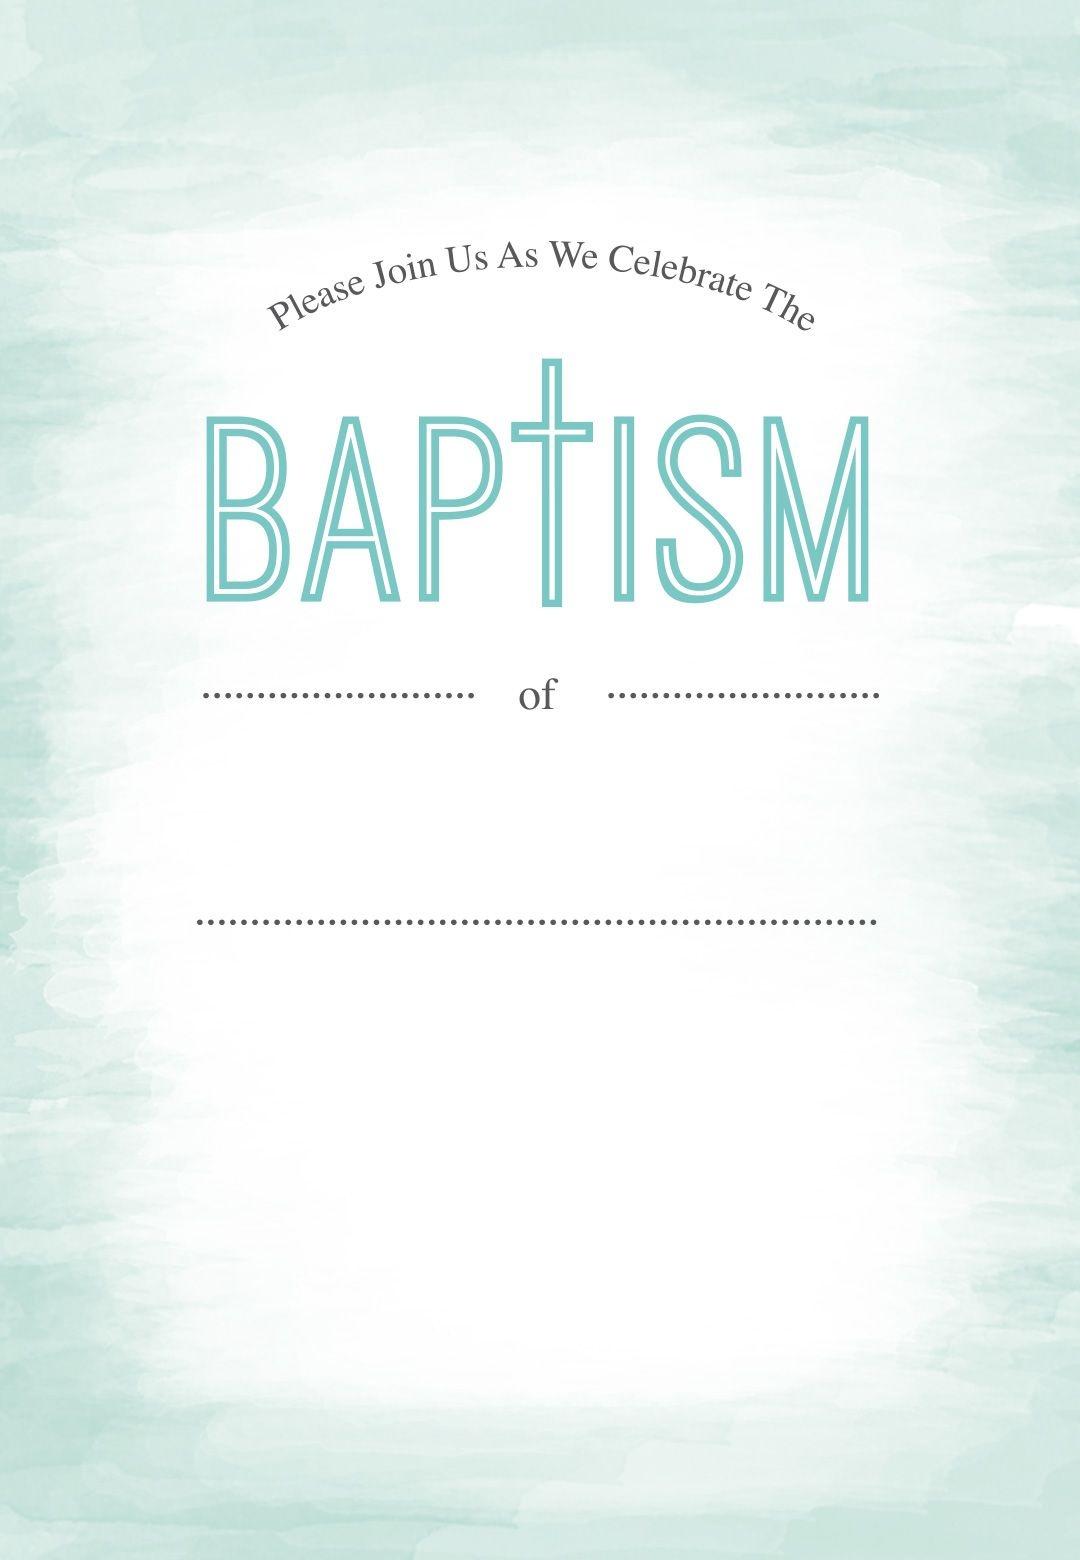 Water - Free Printable Baptism & Christening Invitation Template - Free Printable Baptism Greeting Cards